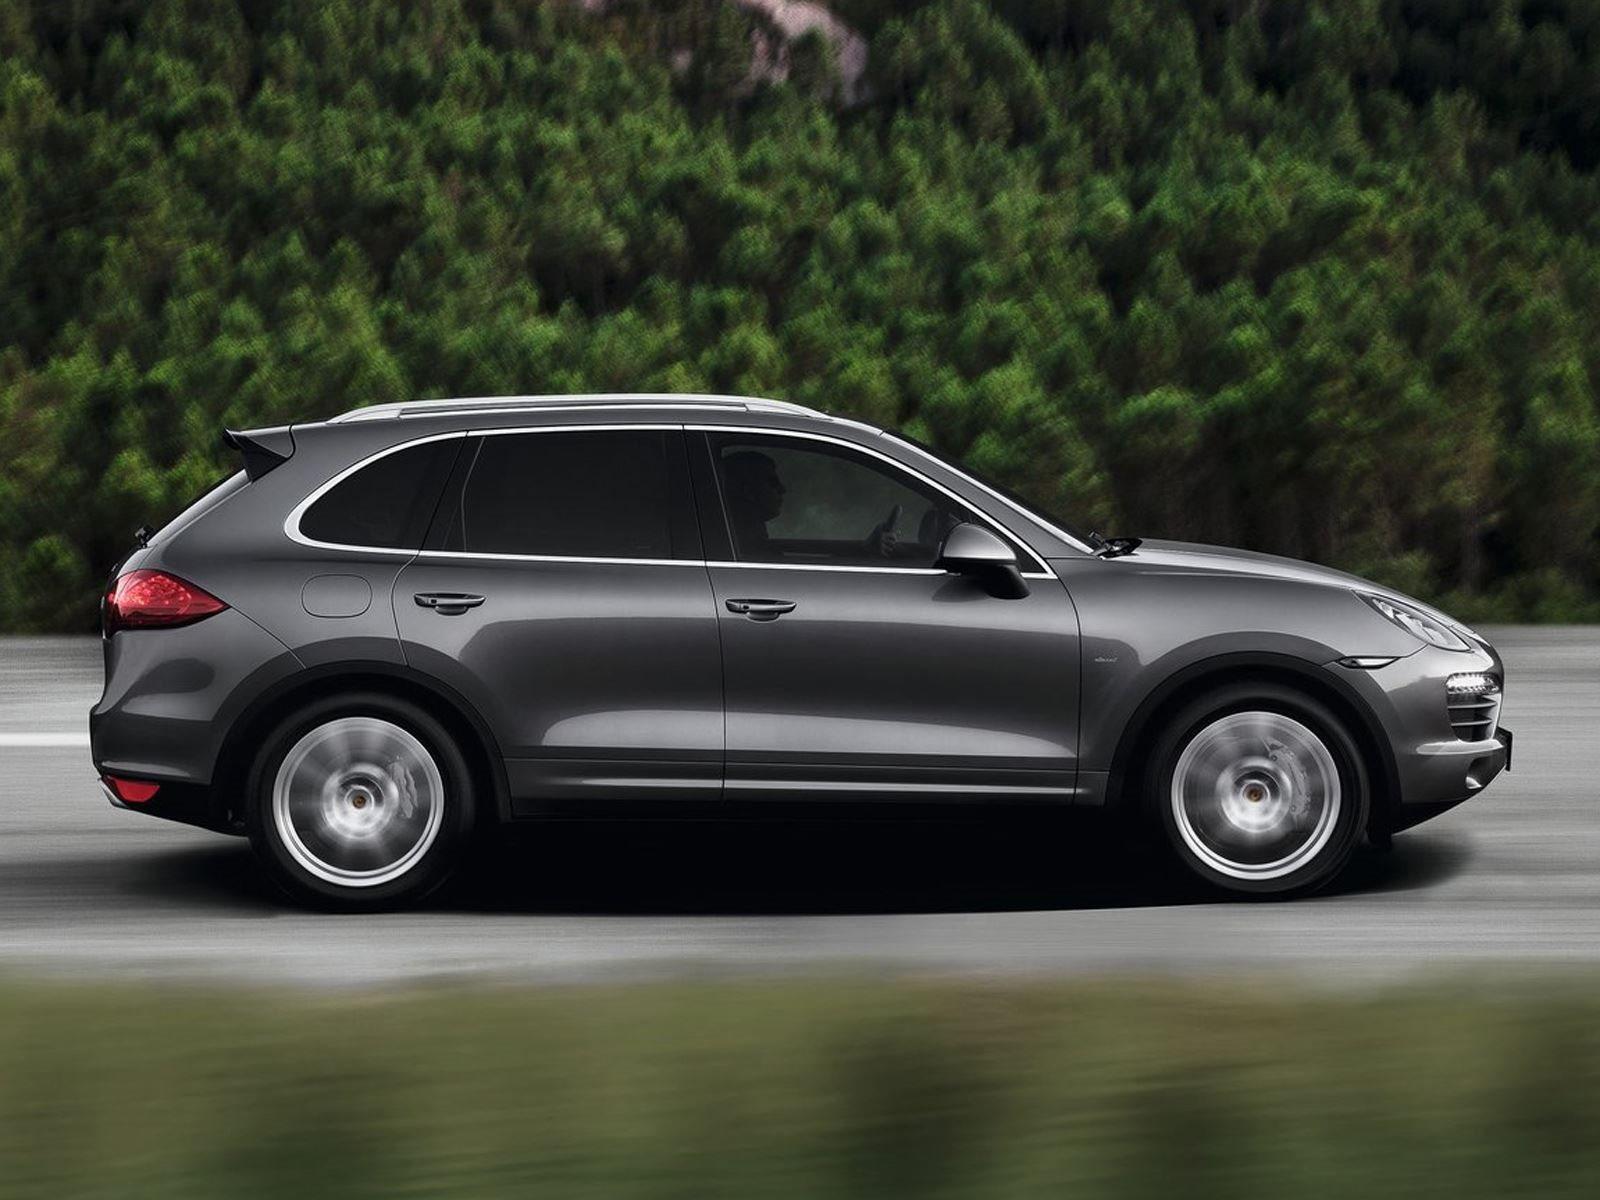 «Porsche не разрабатывает и не производит свои собственные дизельные двигатели, и в будущем не планируется менять их», - сказал Блюм.